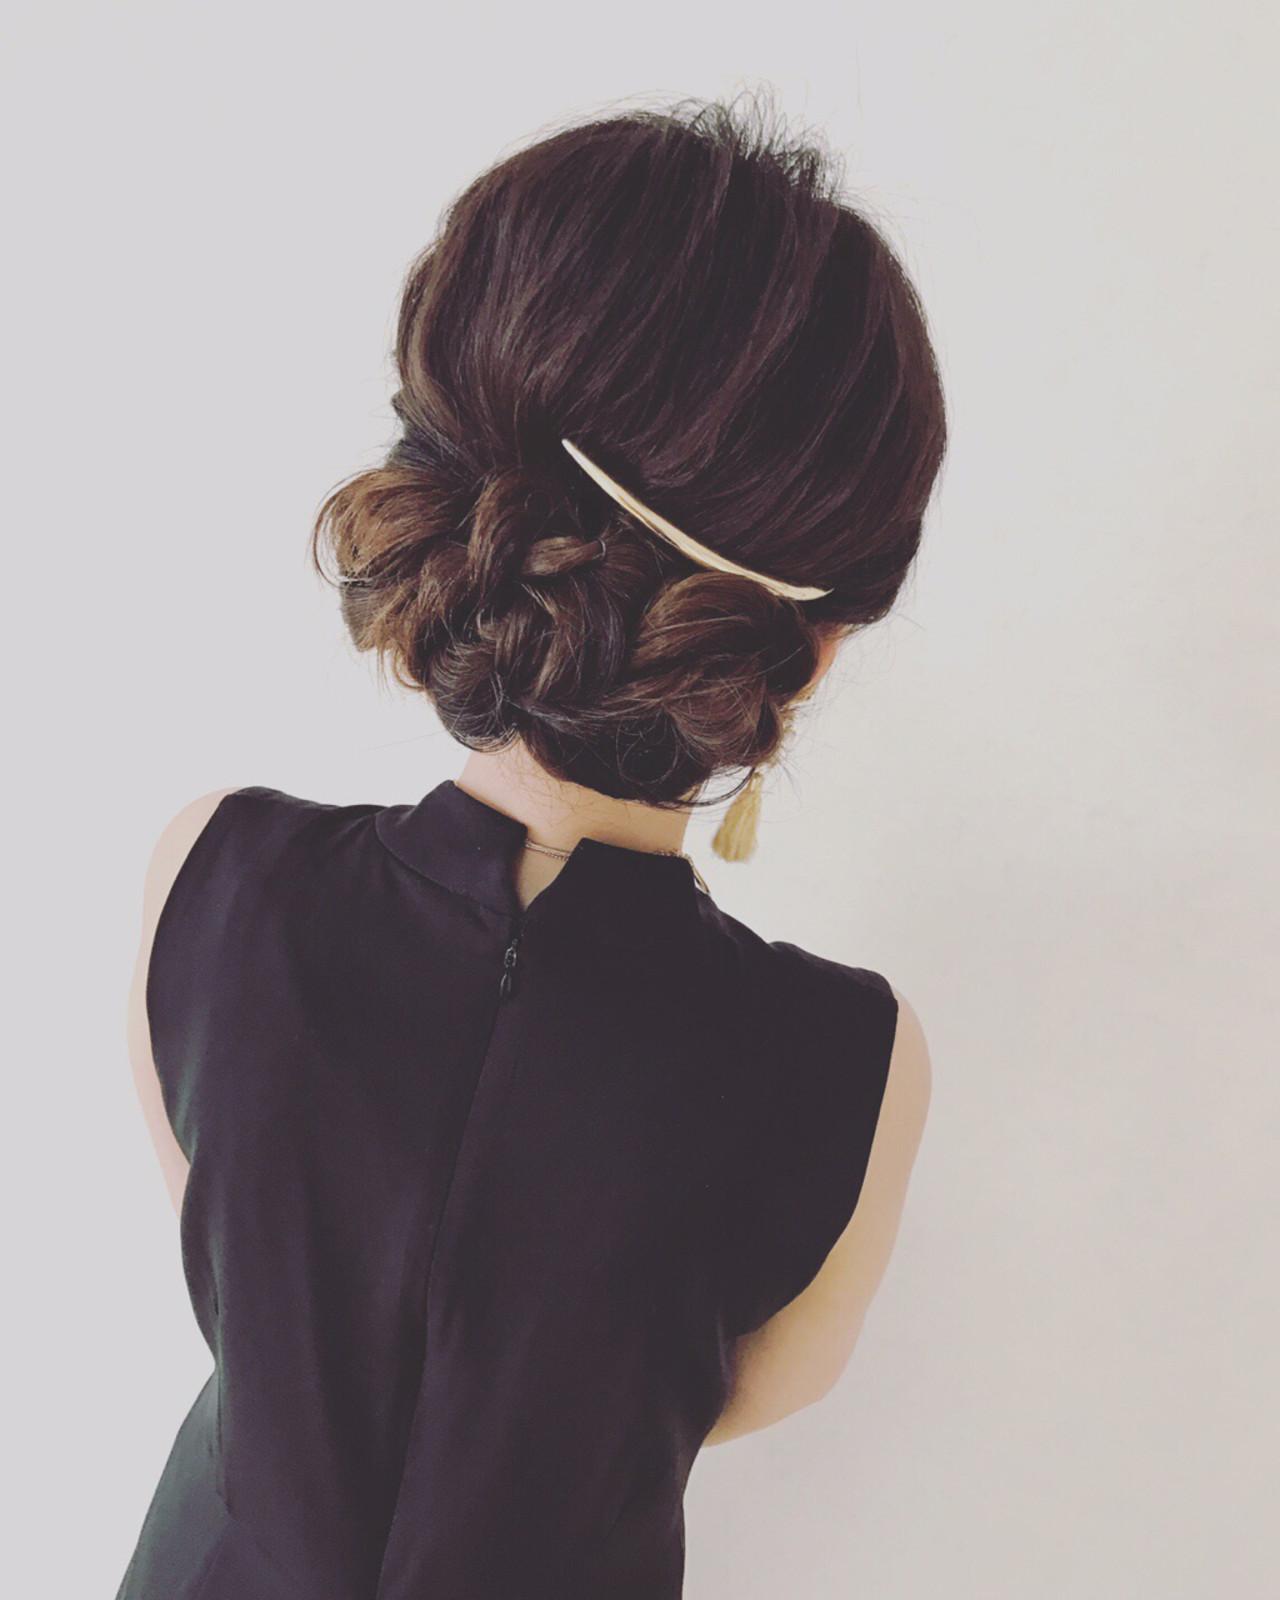 ヘアアレンジ 結婚式 こなれ感 ショート ヘアスタイルや髪型の写真・画像 | Moriyama Mami / 福岡天神ヘアセット・着付け専門店【Three-keys】